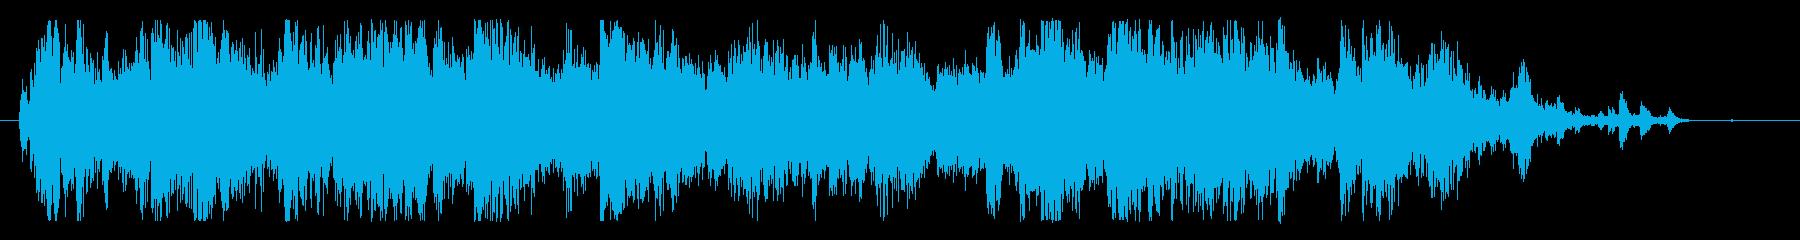 メタル 大音量01の再生済みの波形